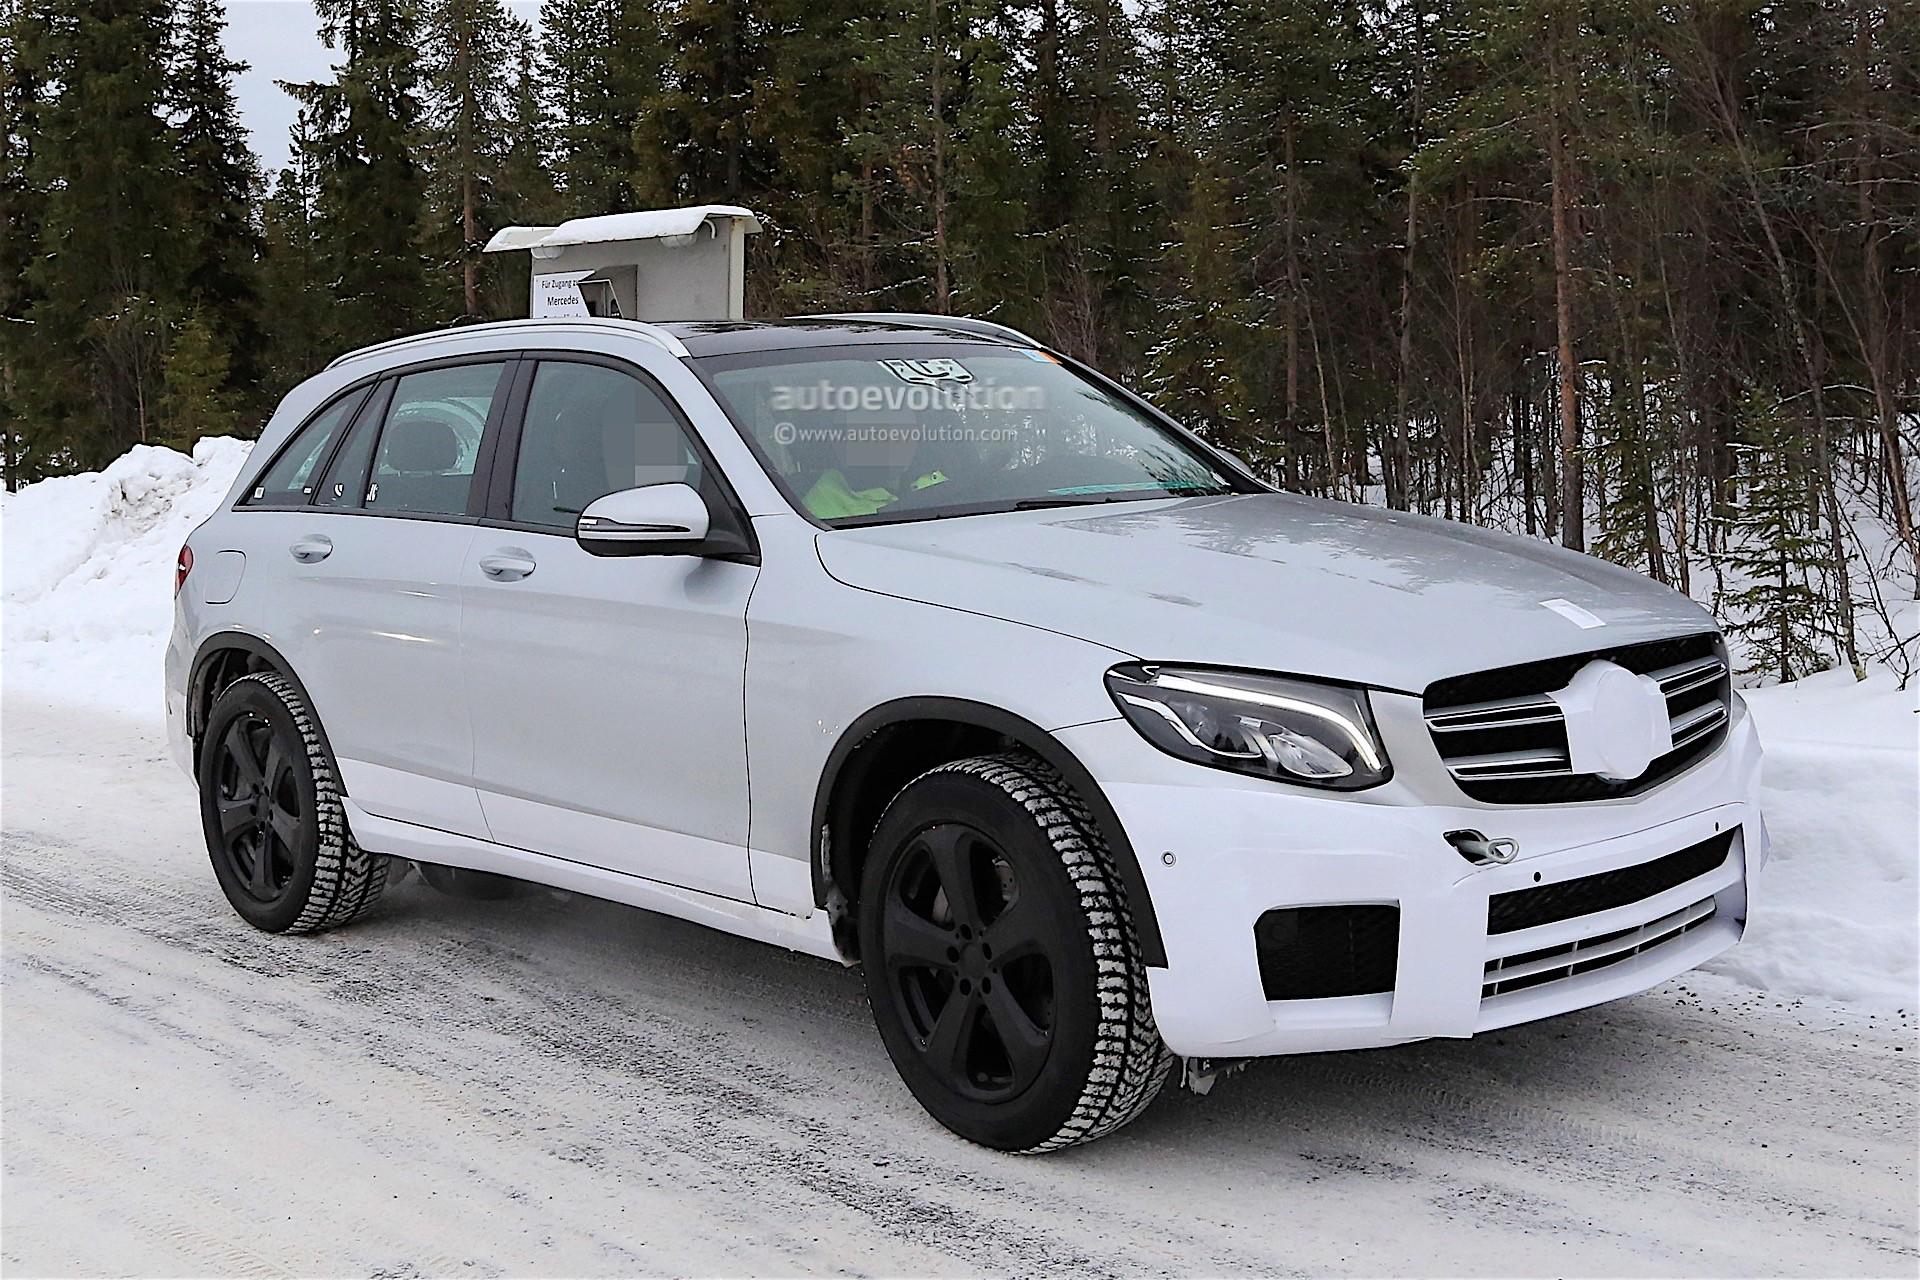 Mercedes Benz Sprinter 2018 >> 2019 mercedes-benz electric SUV (1) - BenzInsider.com - A Mercedes-Benz Fan Blog